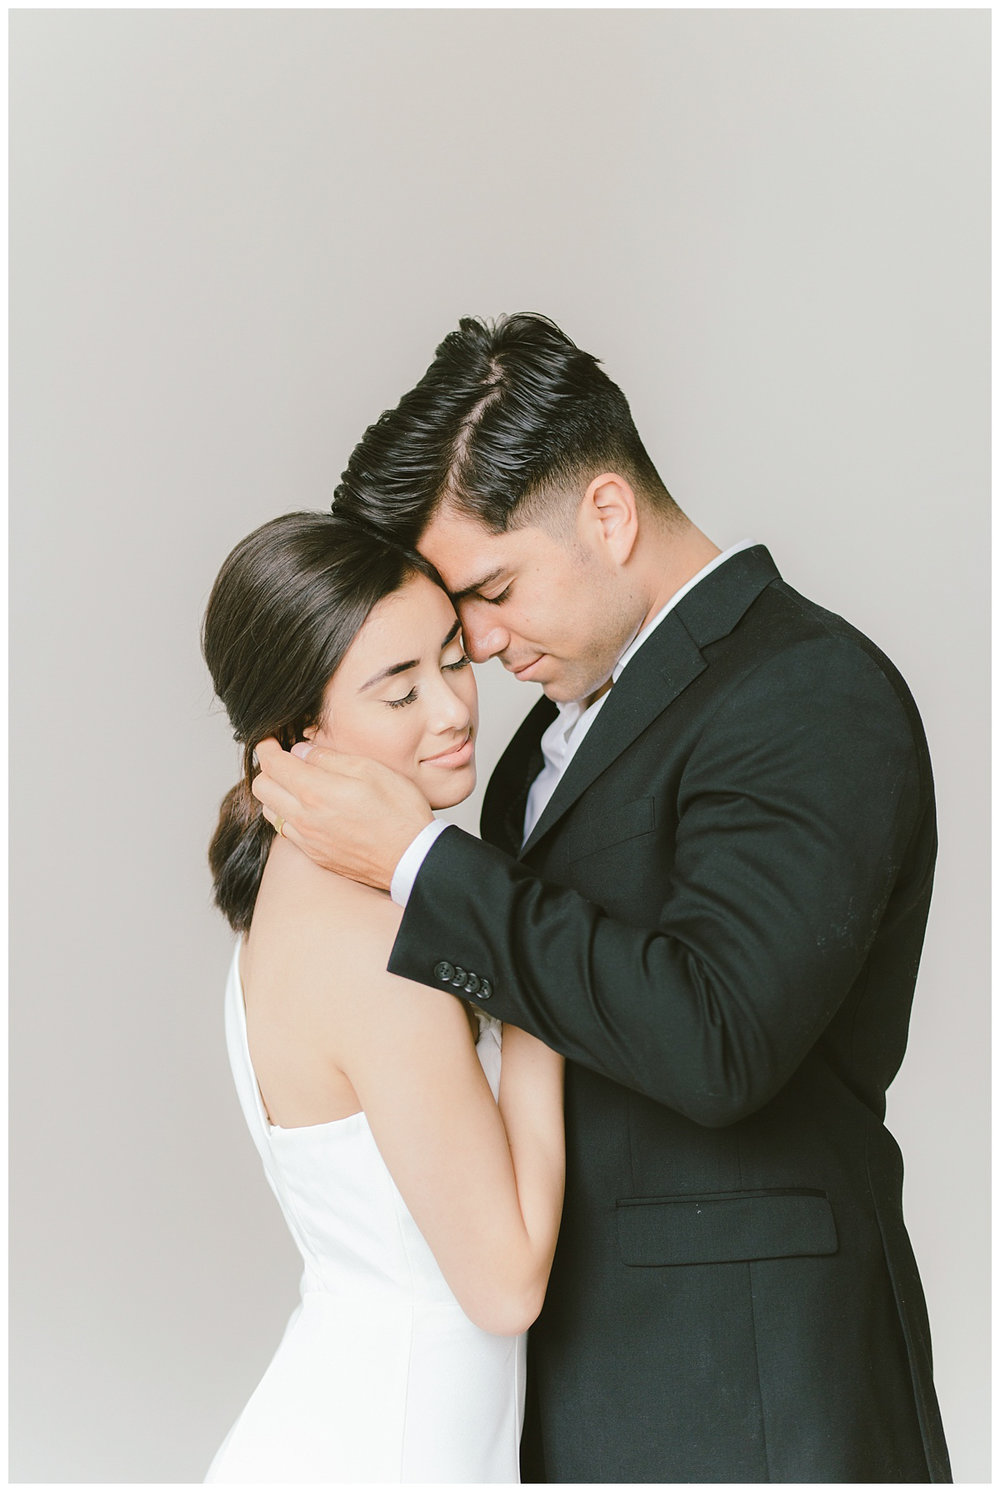 Hong Kong Fine Art Wedding Prewedding Photographer Mattie C. 00019.jpg